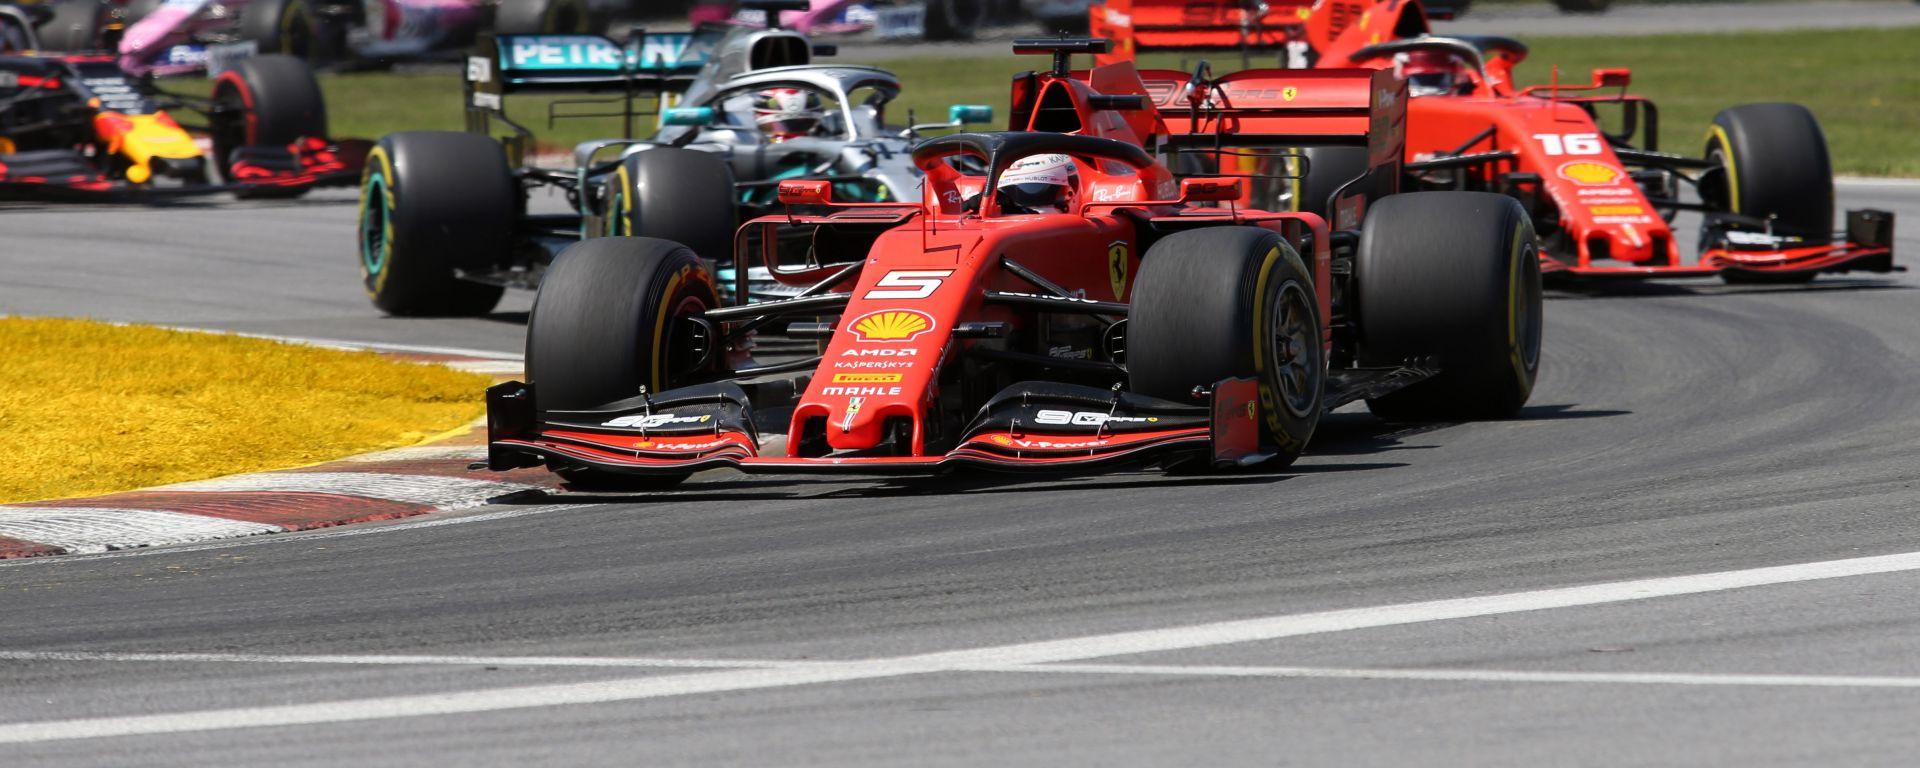 GP Canada, Vettel leader dopo la partenza